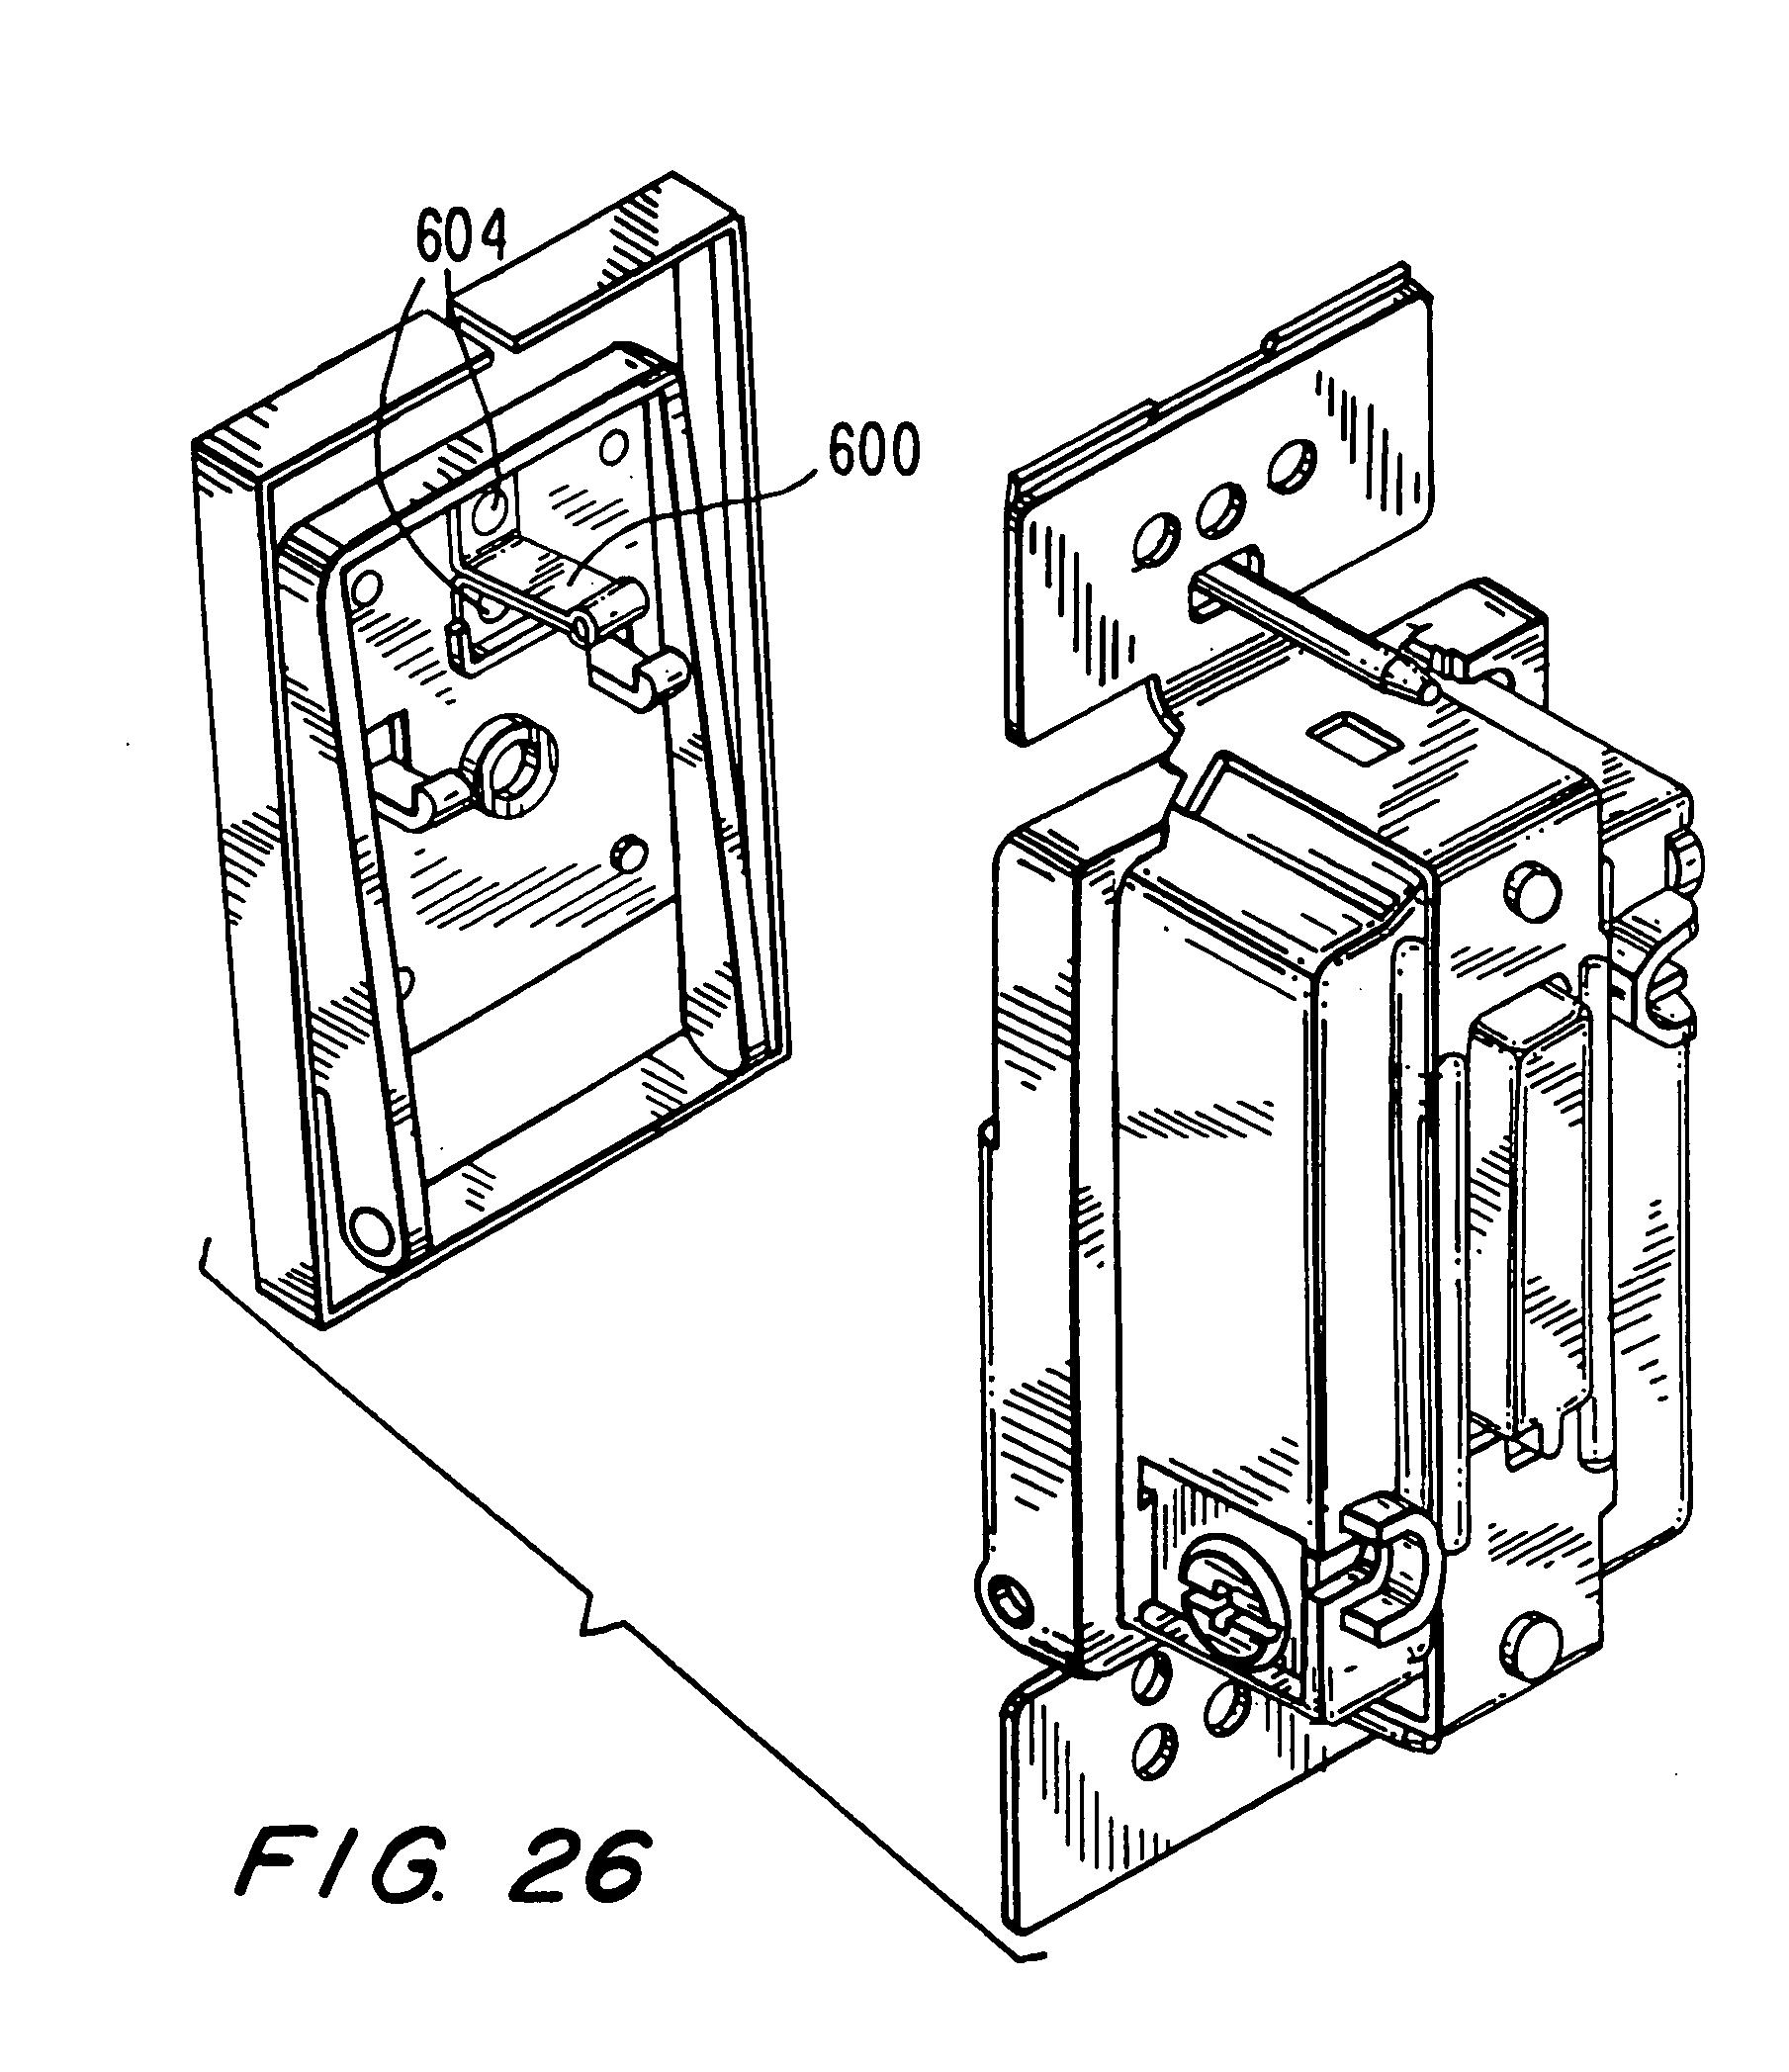 patent us20050109527